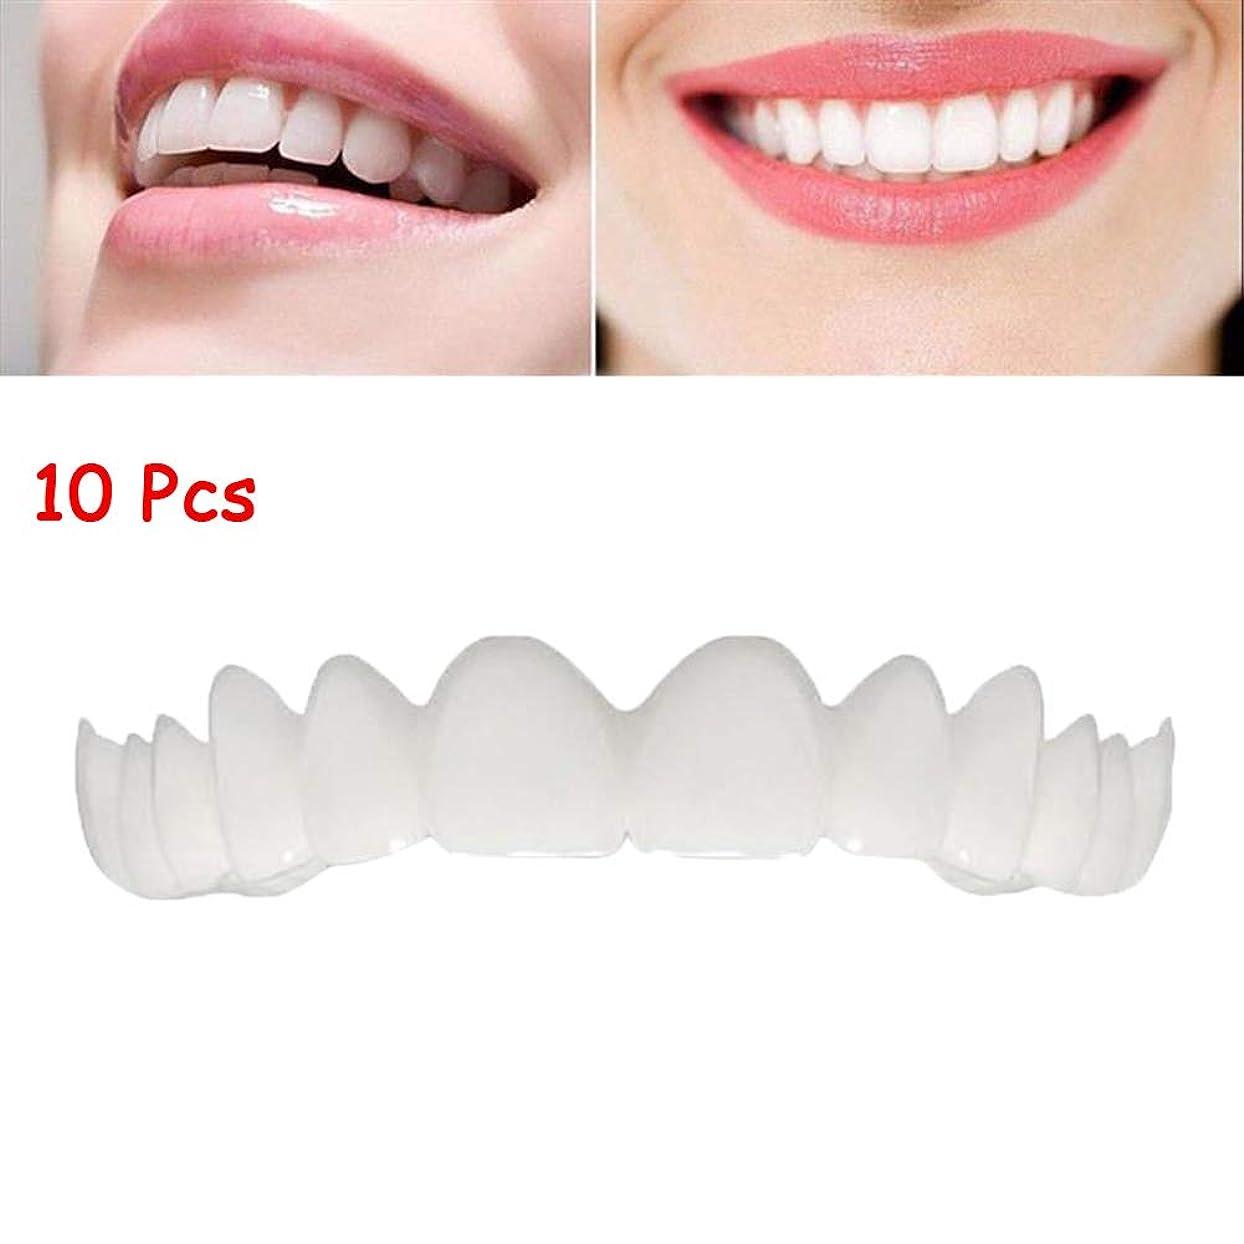 田舎サンダース迫害する10個の一時的な化粧品の歯の義歯は歯を白くするブレースを模擬